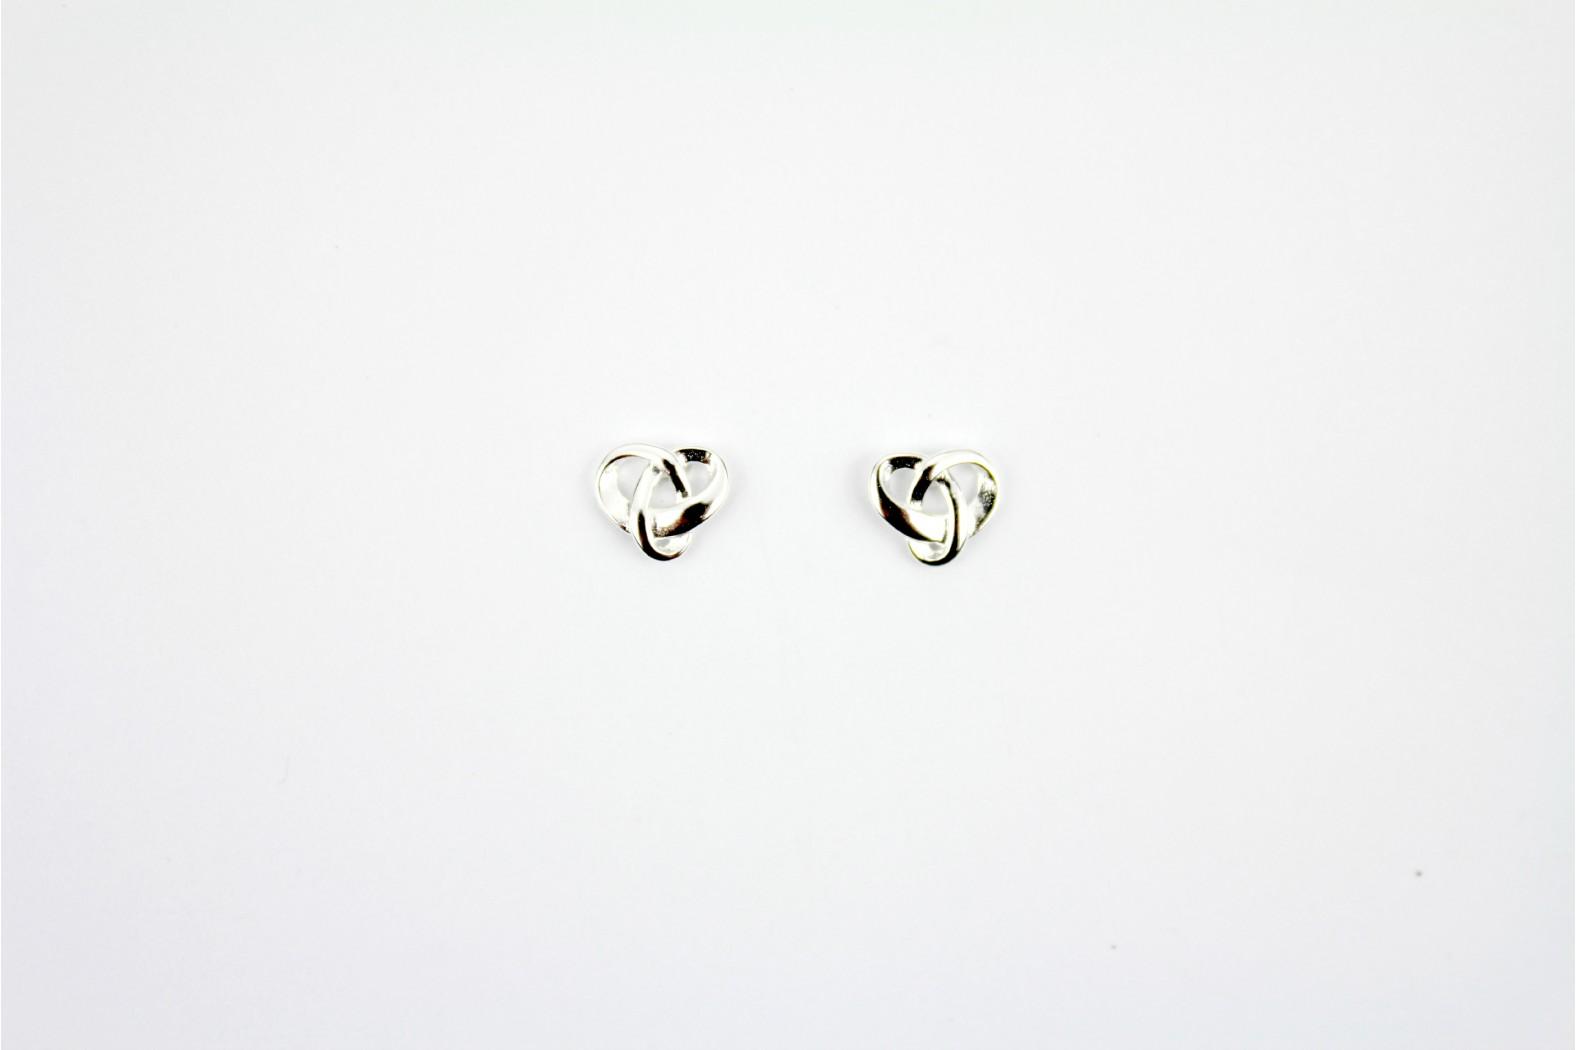 Celtic Inspired Designe bright silver stud earrings